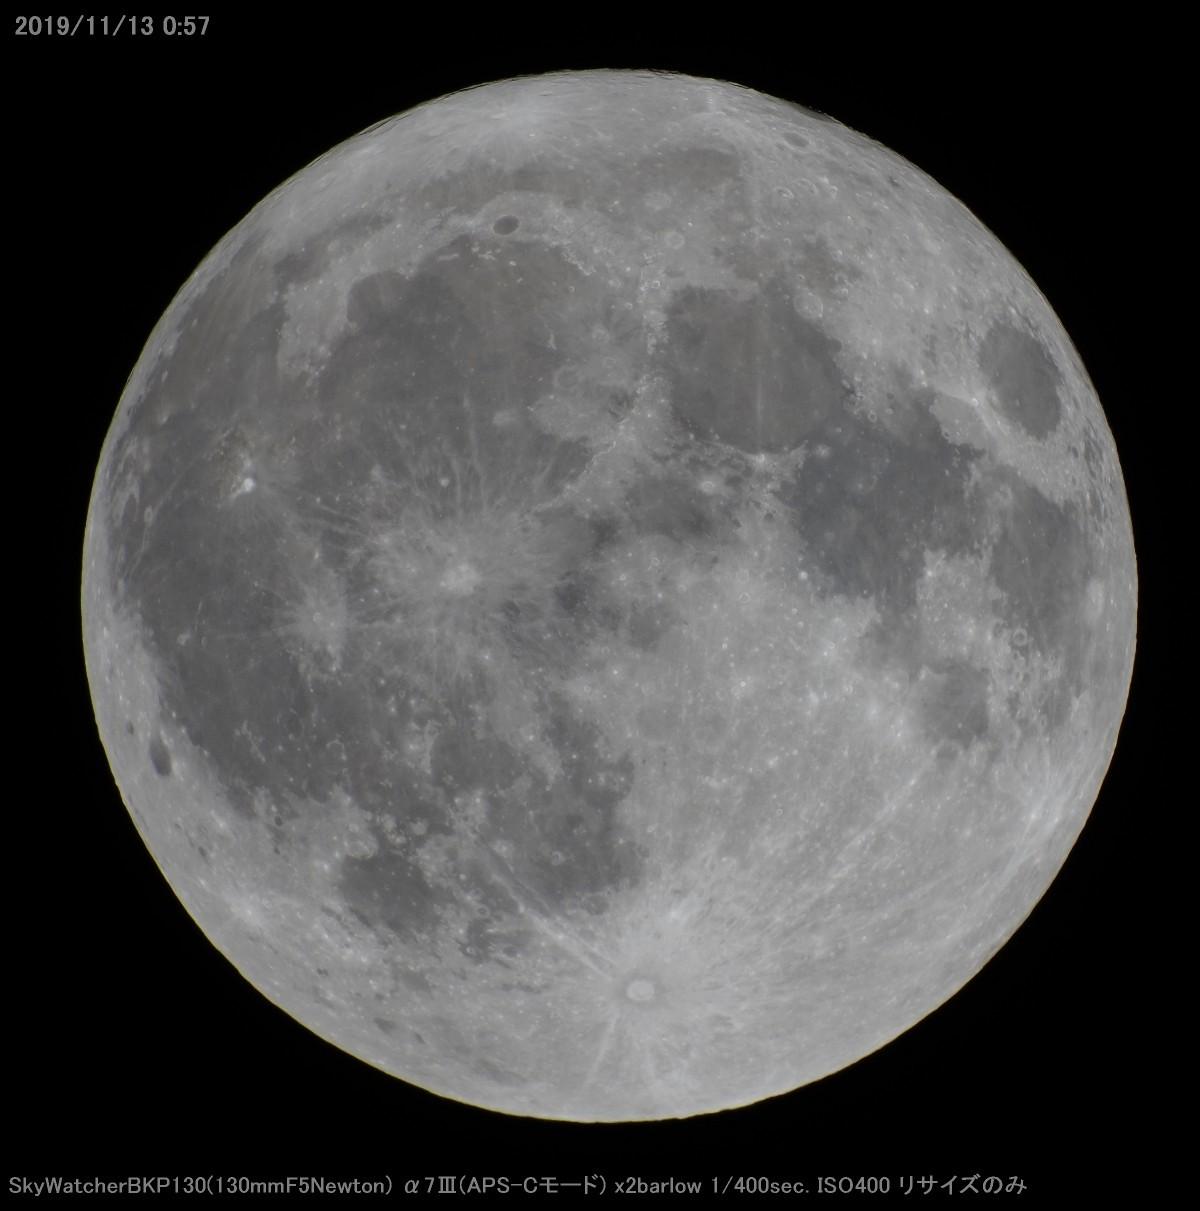 旅行用望遠鏡を考える その2 BKP130 + AZ-GTi_a0095470_10523757.jpg